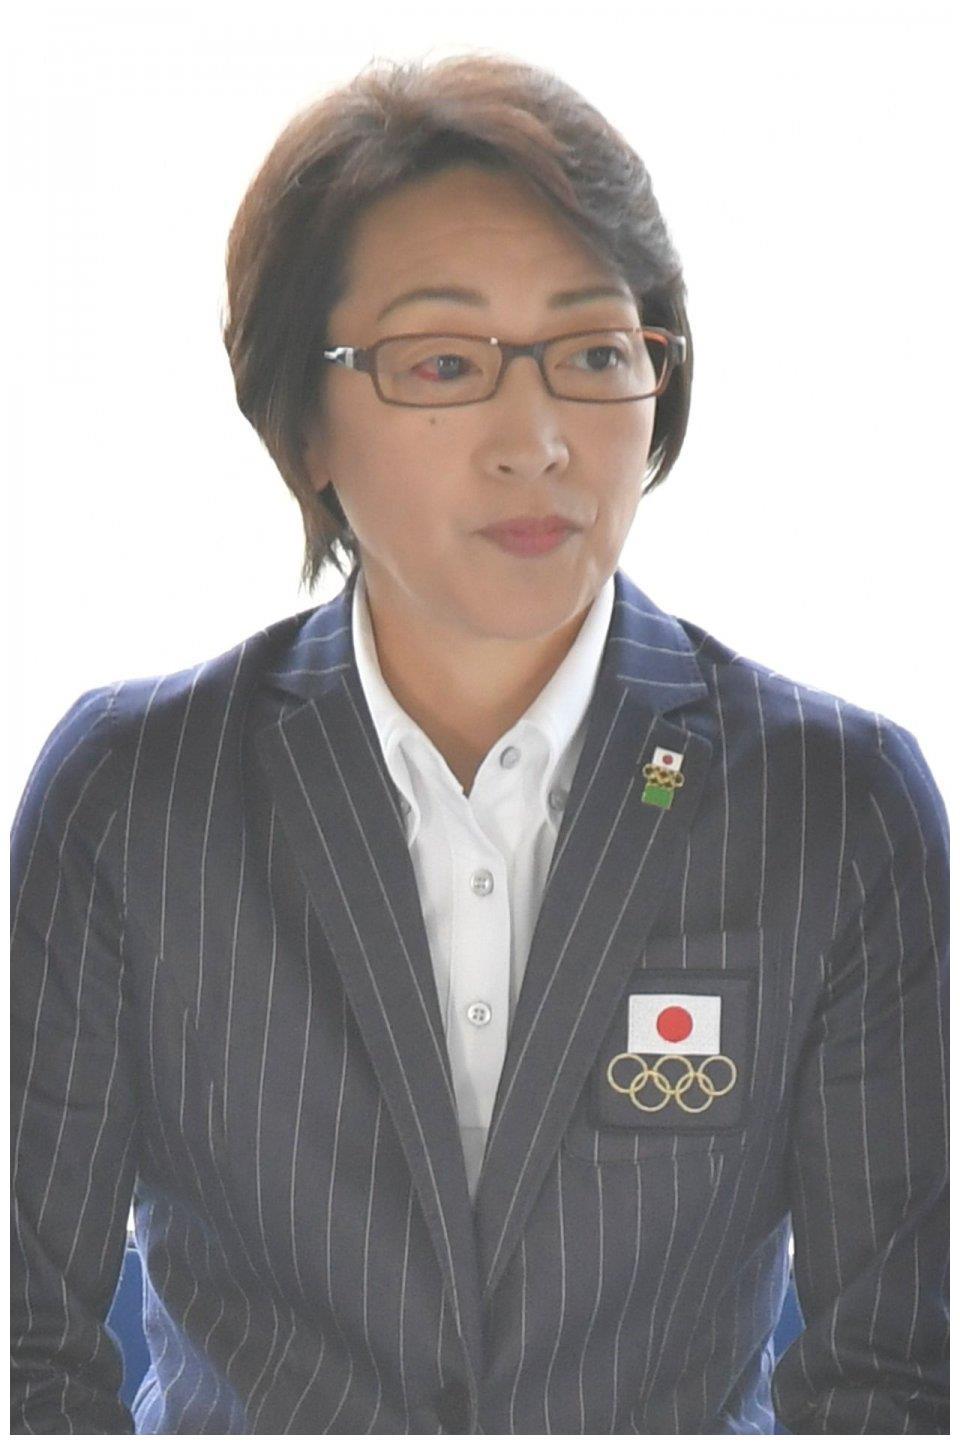 东京奥组委主席桥本圣子,罕见的冬夏两栖运动员,还是一名徽章控